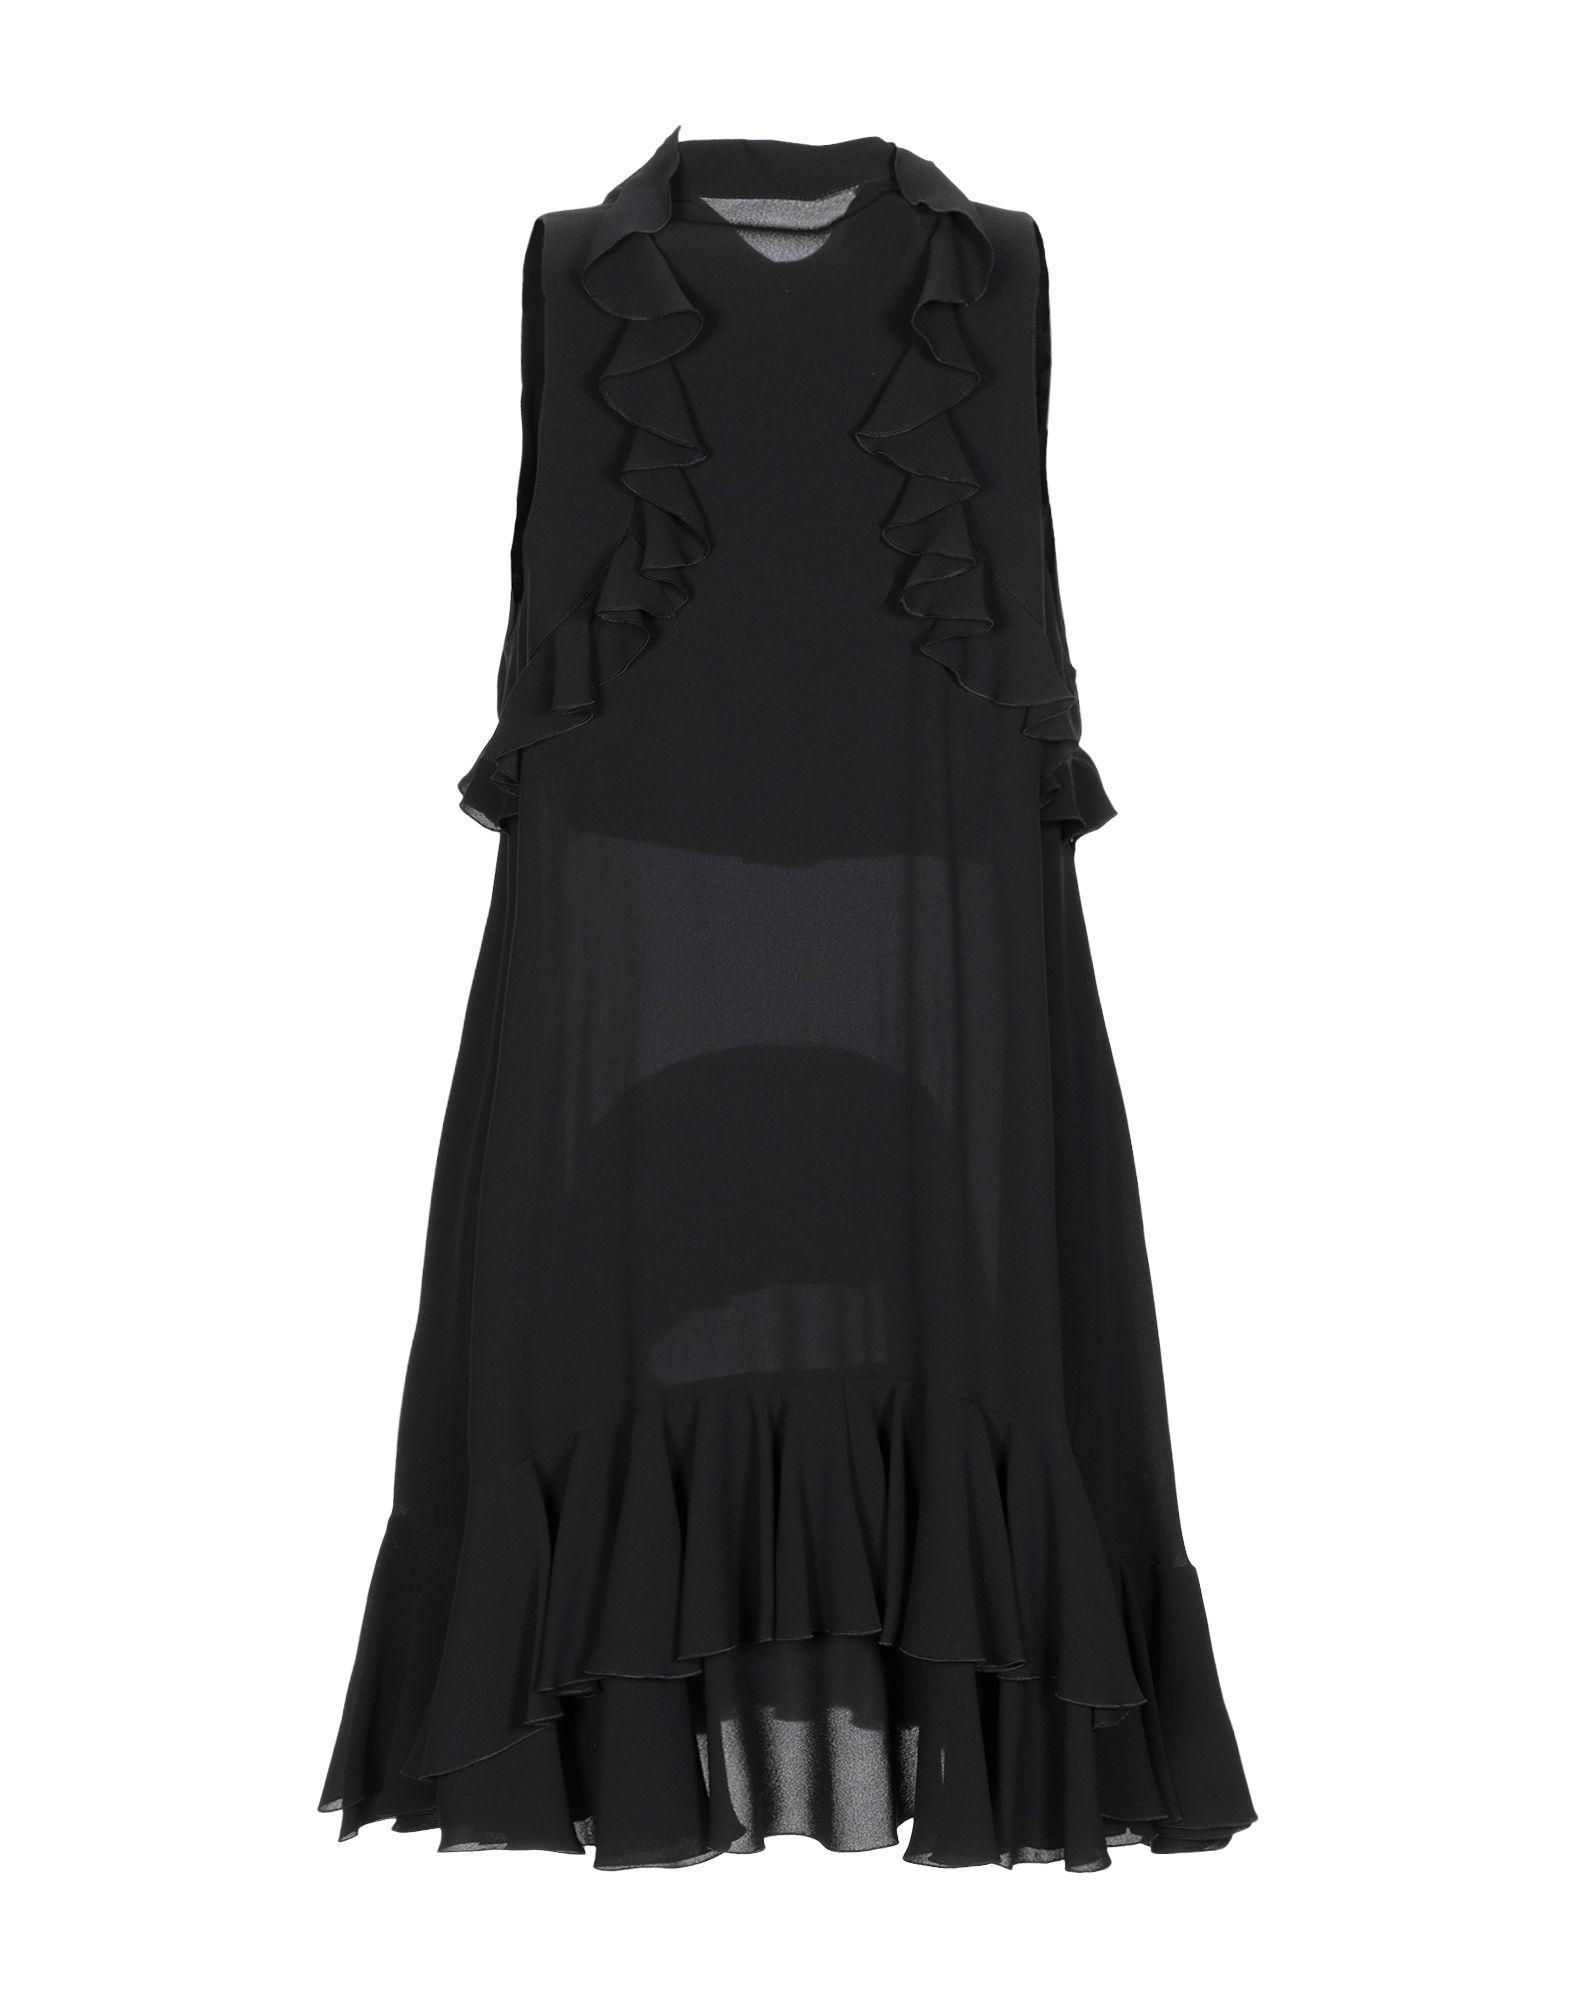 Alexander McQueen Black Silk Sleeveless Shirt Dress